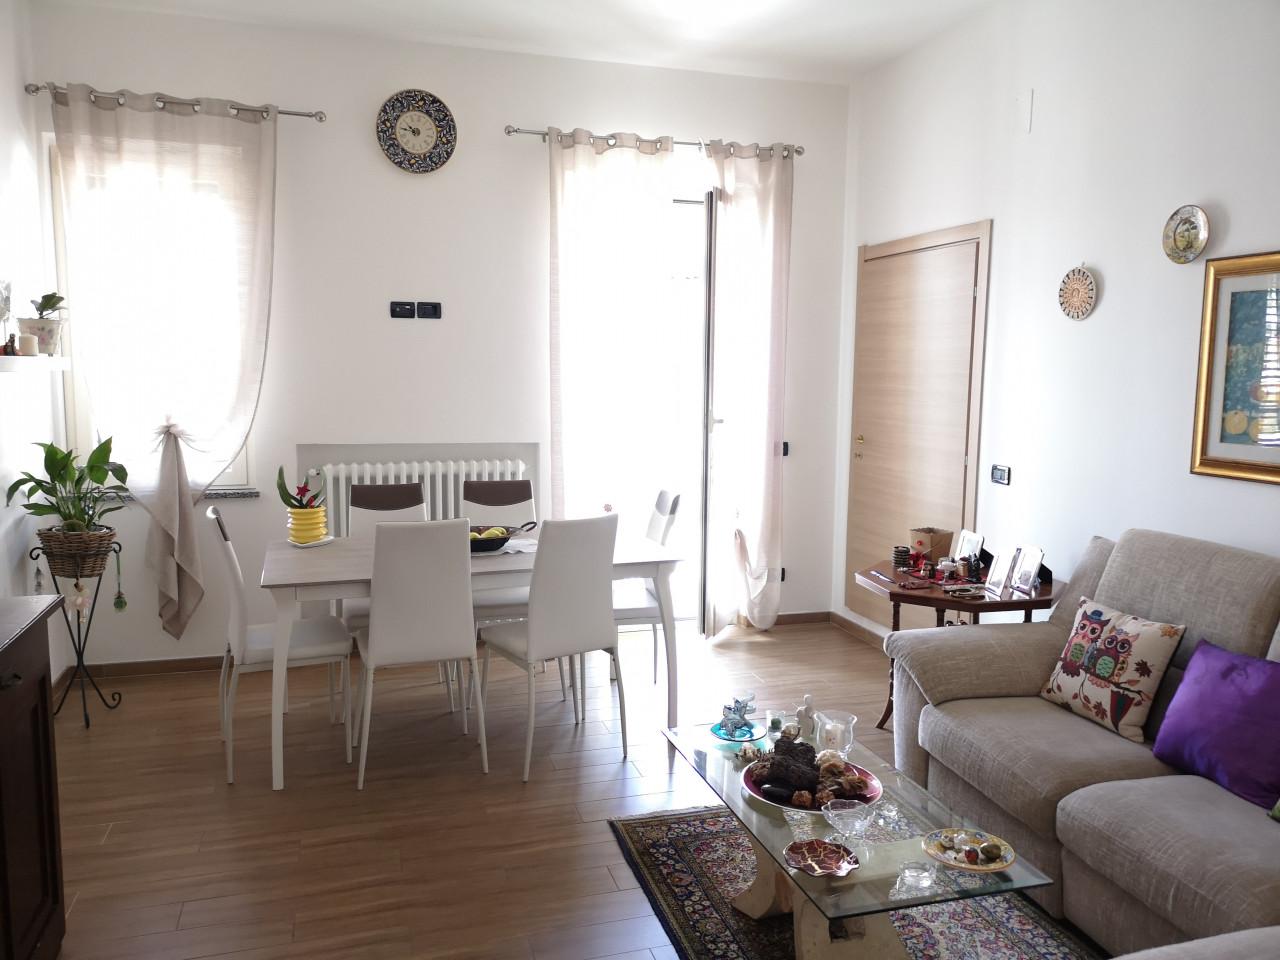 Sambuceto -  Appartamento con ingresso indipendente 2 camere